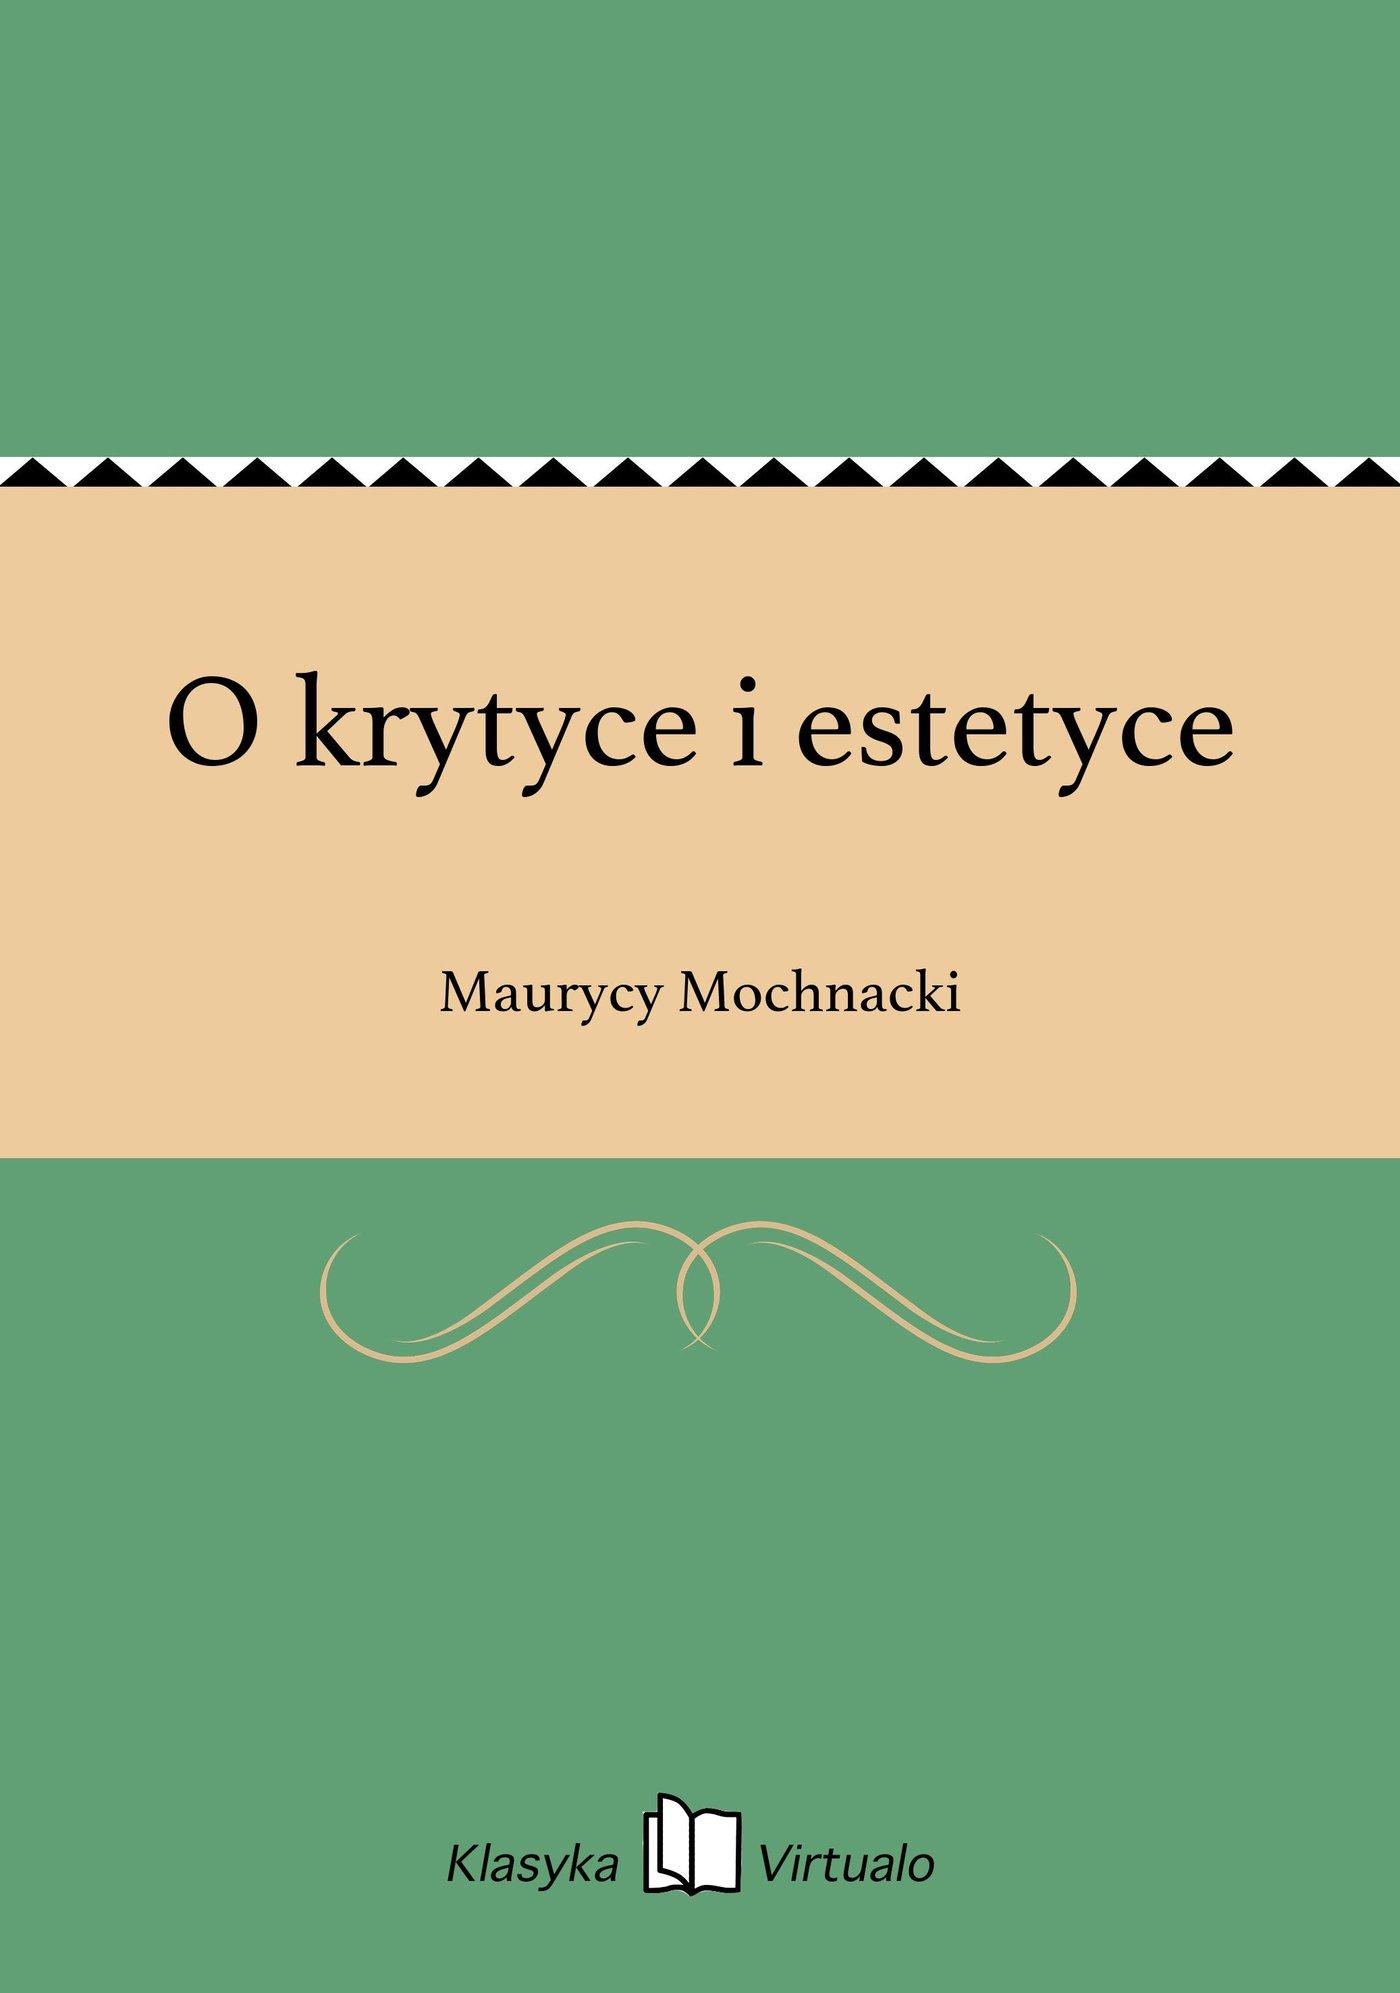 O krytyce i estetyce - Ebook (Książka na Kindle) do pobrania w formacie MOBI